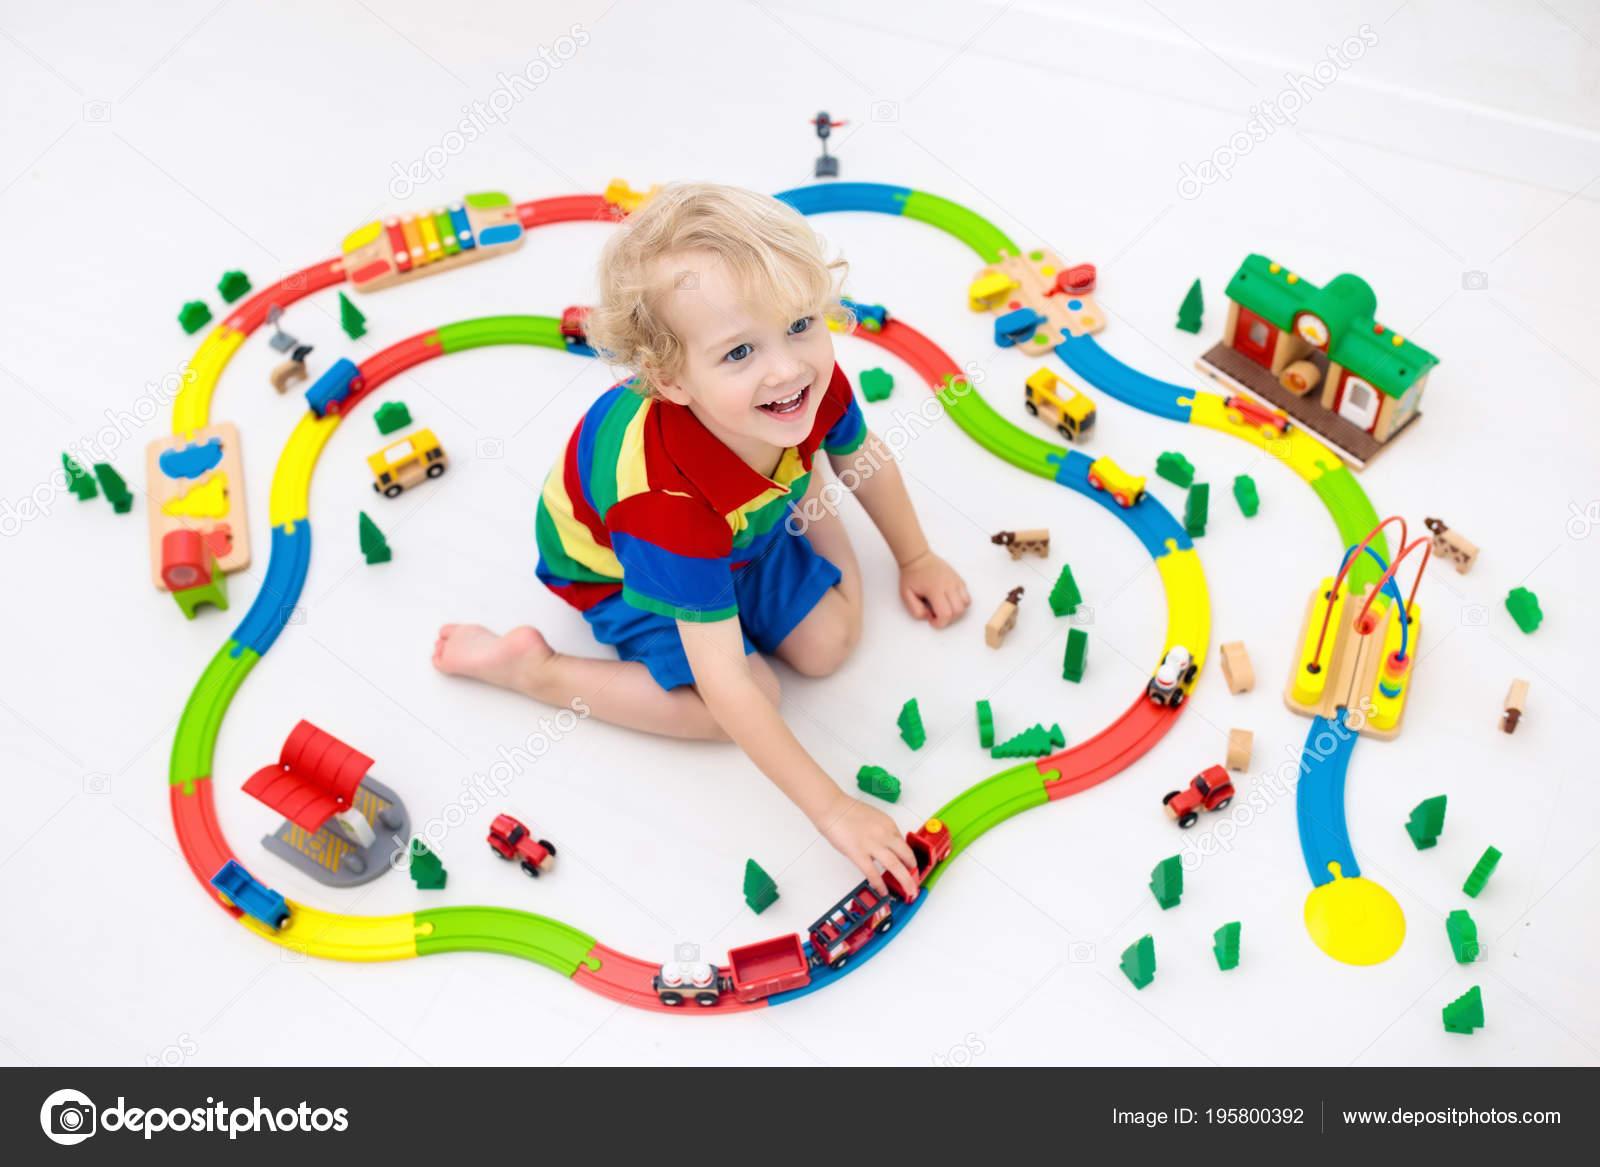 Juegan Juguete Con Tren Ferrocarril Niño Niños Del Jugando Los iuTZOPkX